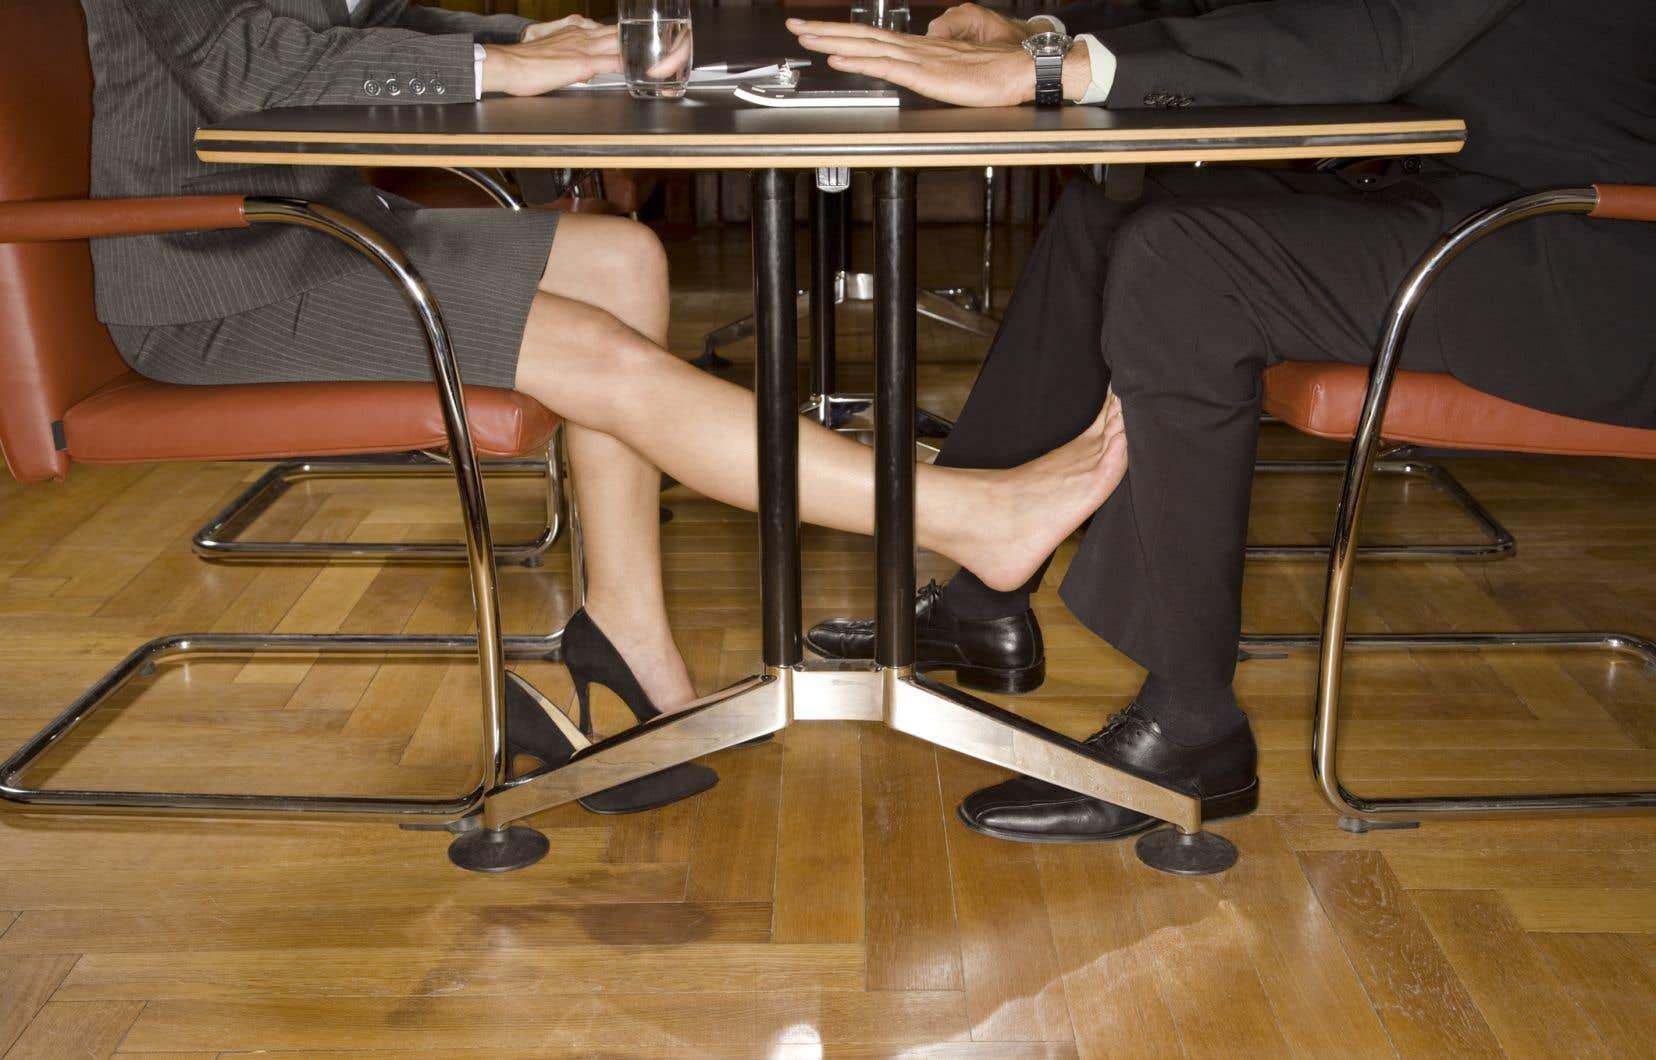 Selon une étude, la manipulation est également une arme de coercition très utilisée par les femmes pour forcer un homme à avoir un contact sexuel.